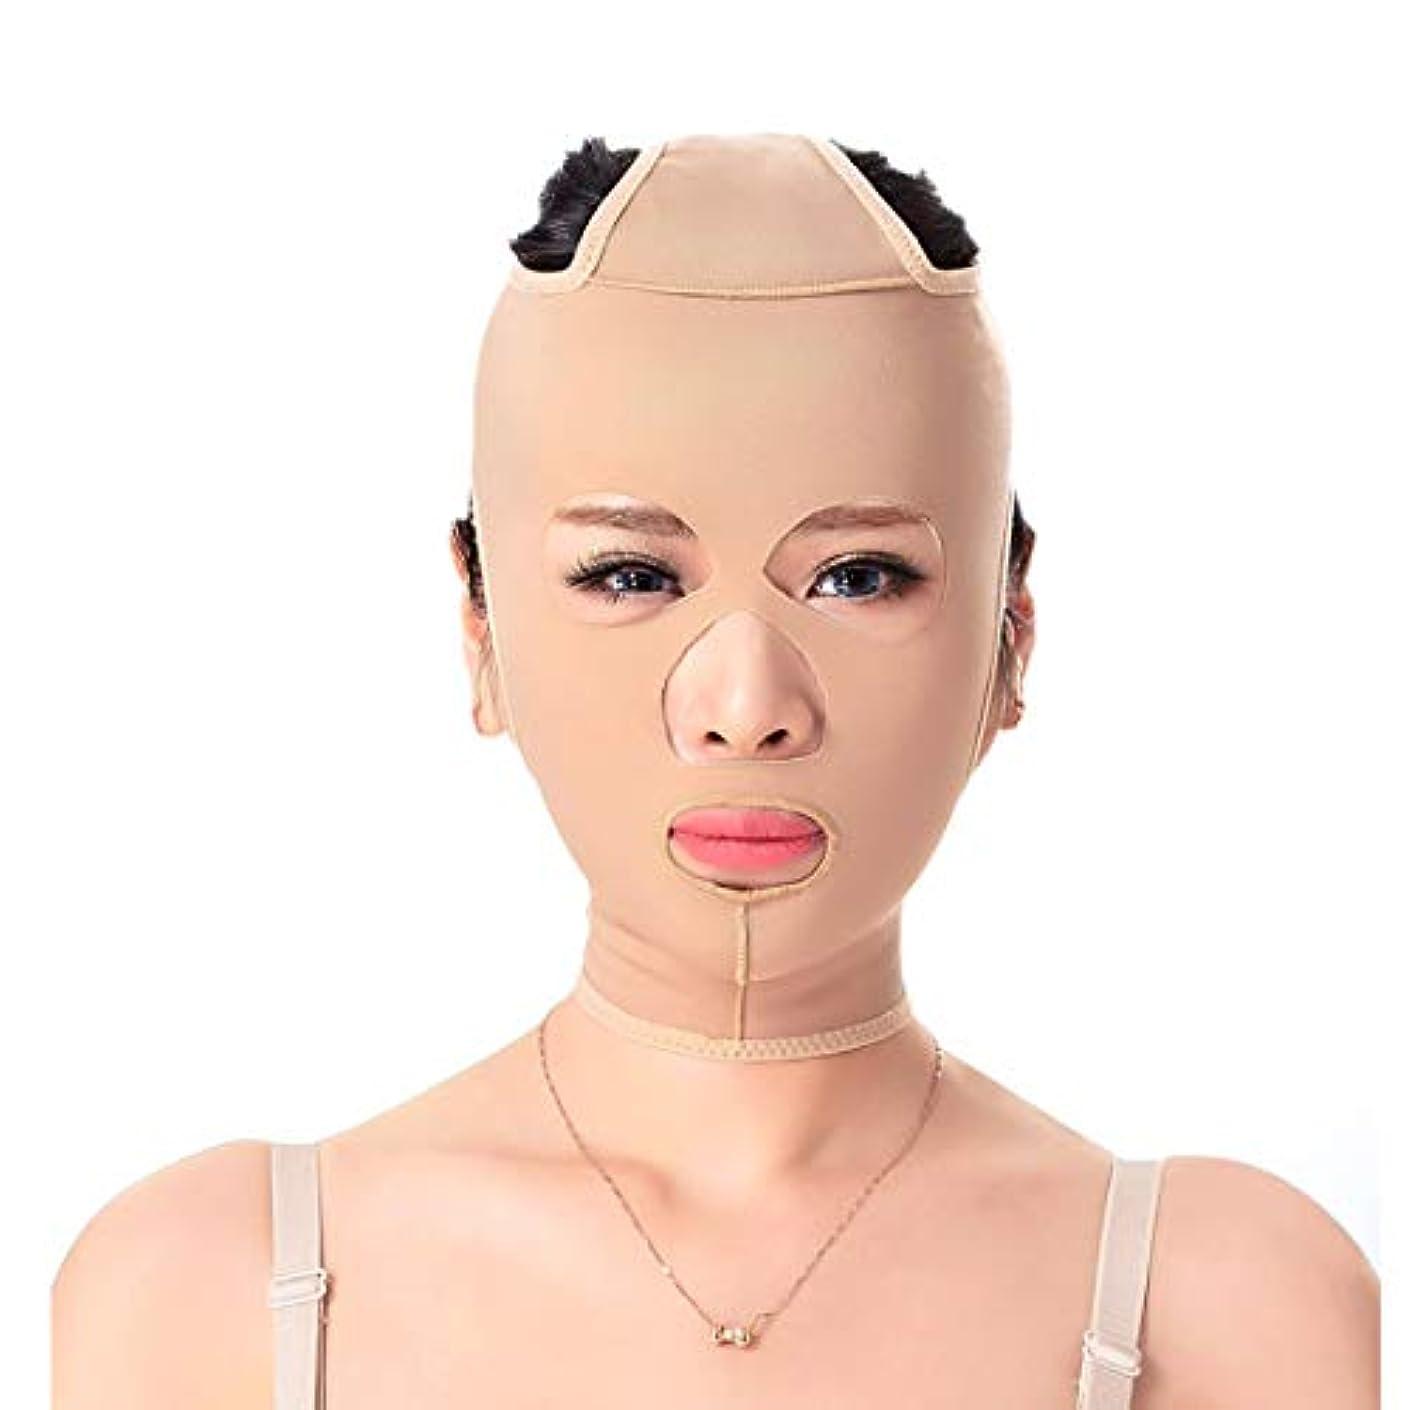 相互不調和バイオリニストGLJJQMY 減量ベルトマスクフェイスマスクマスクパターン強化二重あご引き締め顔面顔面強力なフェイスリフティング包帯 顔用整形マスク (Size : XXL)